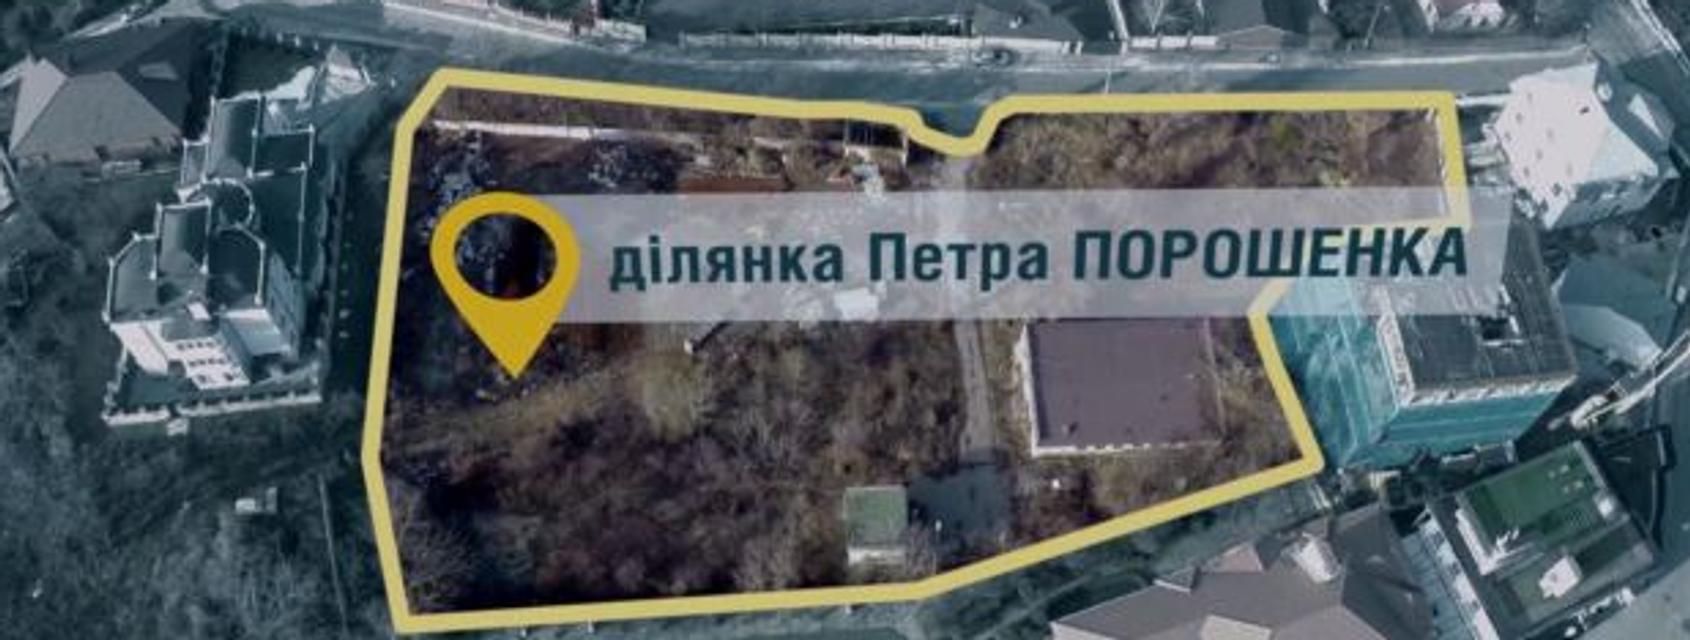 На участке Порошенко снесли памятник истории: Гелетей засекретил дело - фото 176277